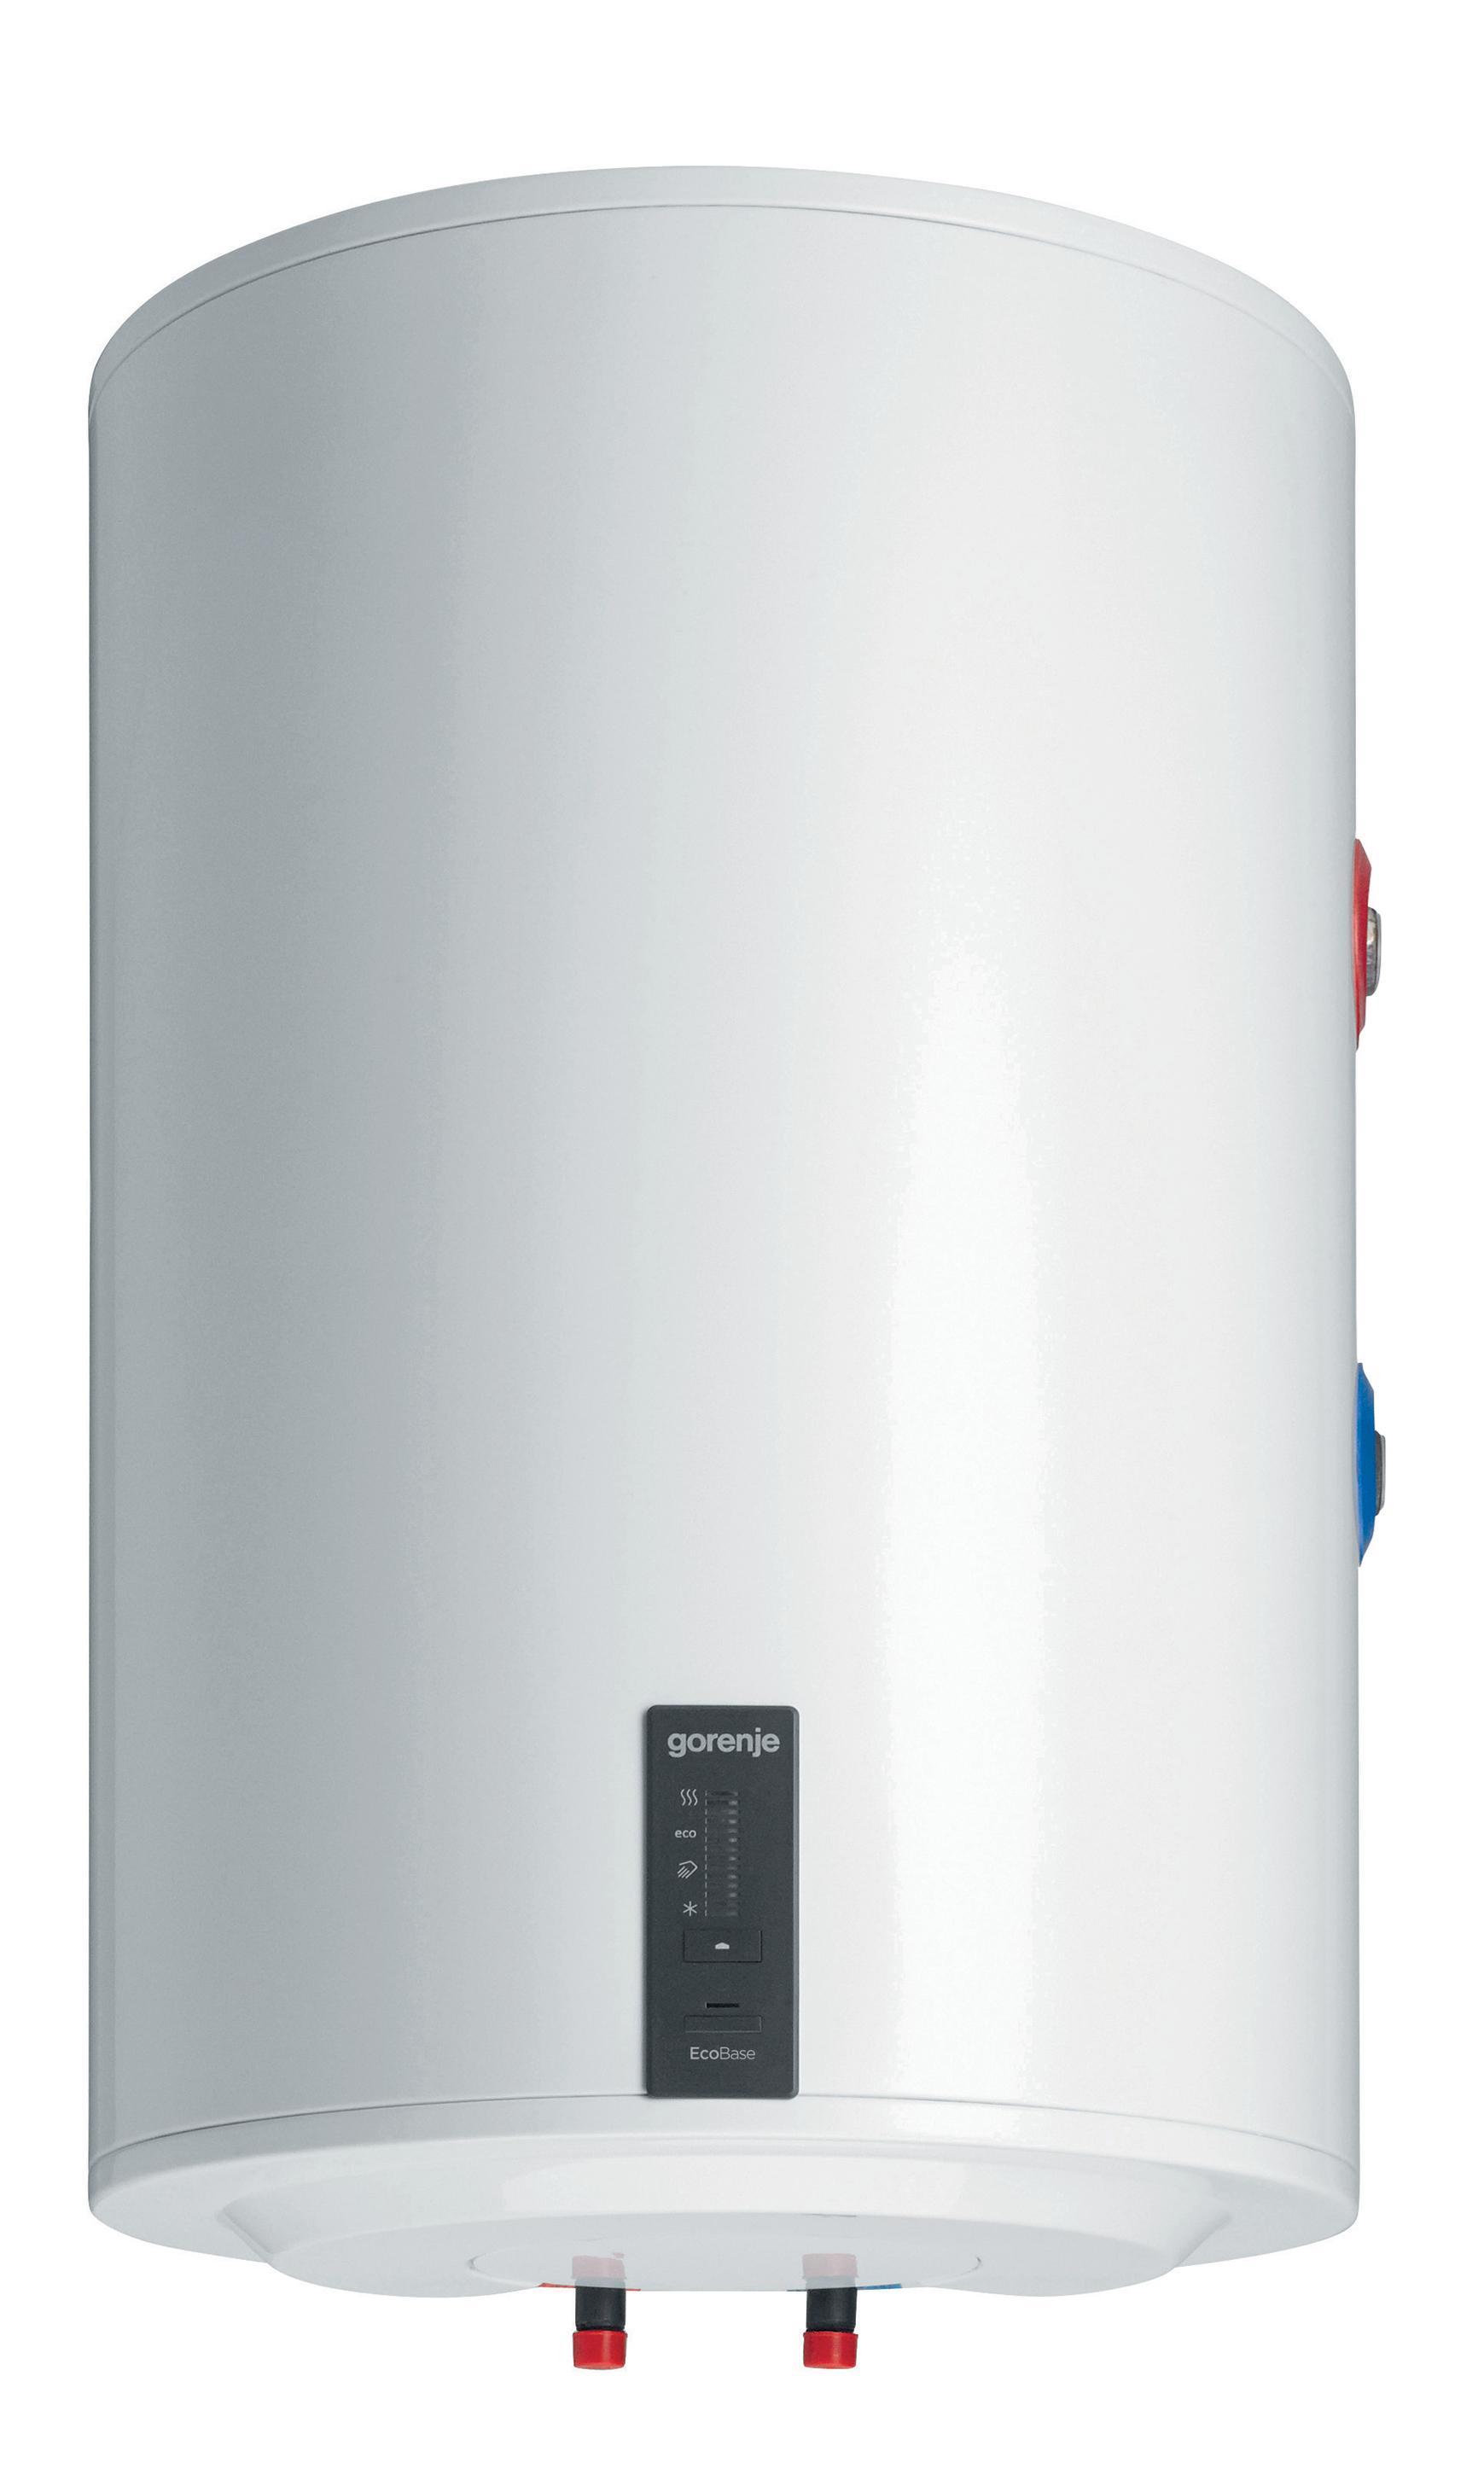 Водонагреватель косвенного нагрева Gorenje GBK150ORRNB6 комбинированный (теплообменник + ТЭН)